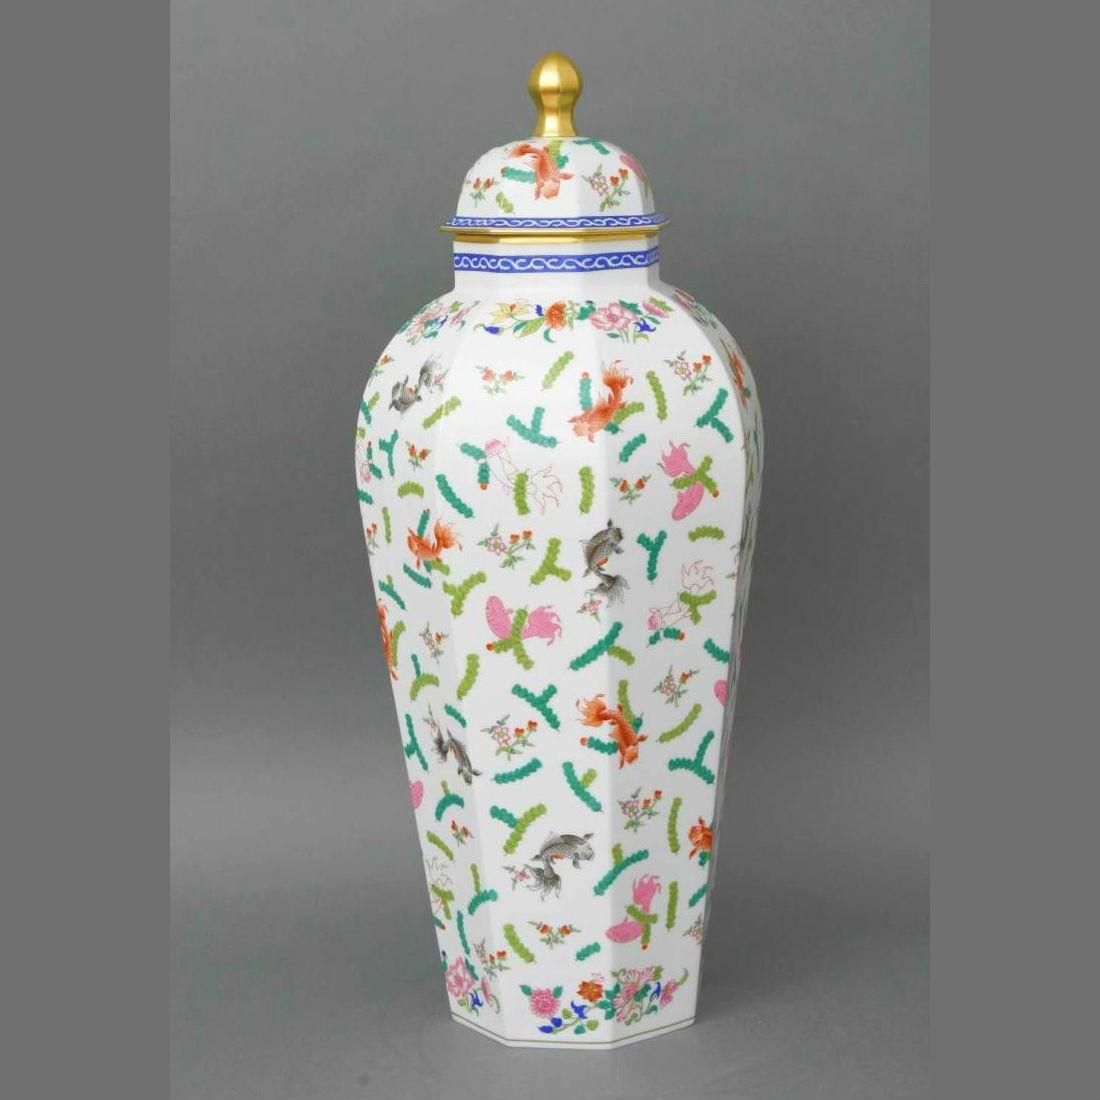 Vase, button knob